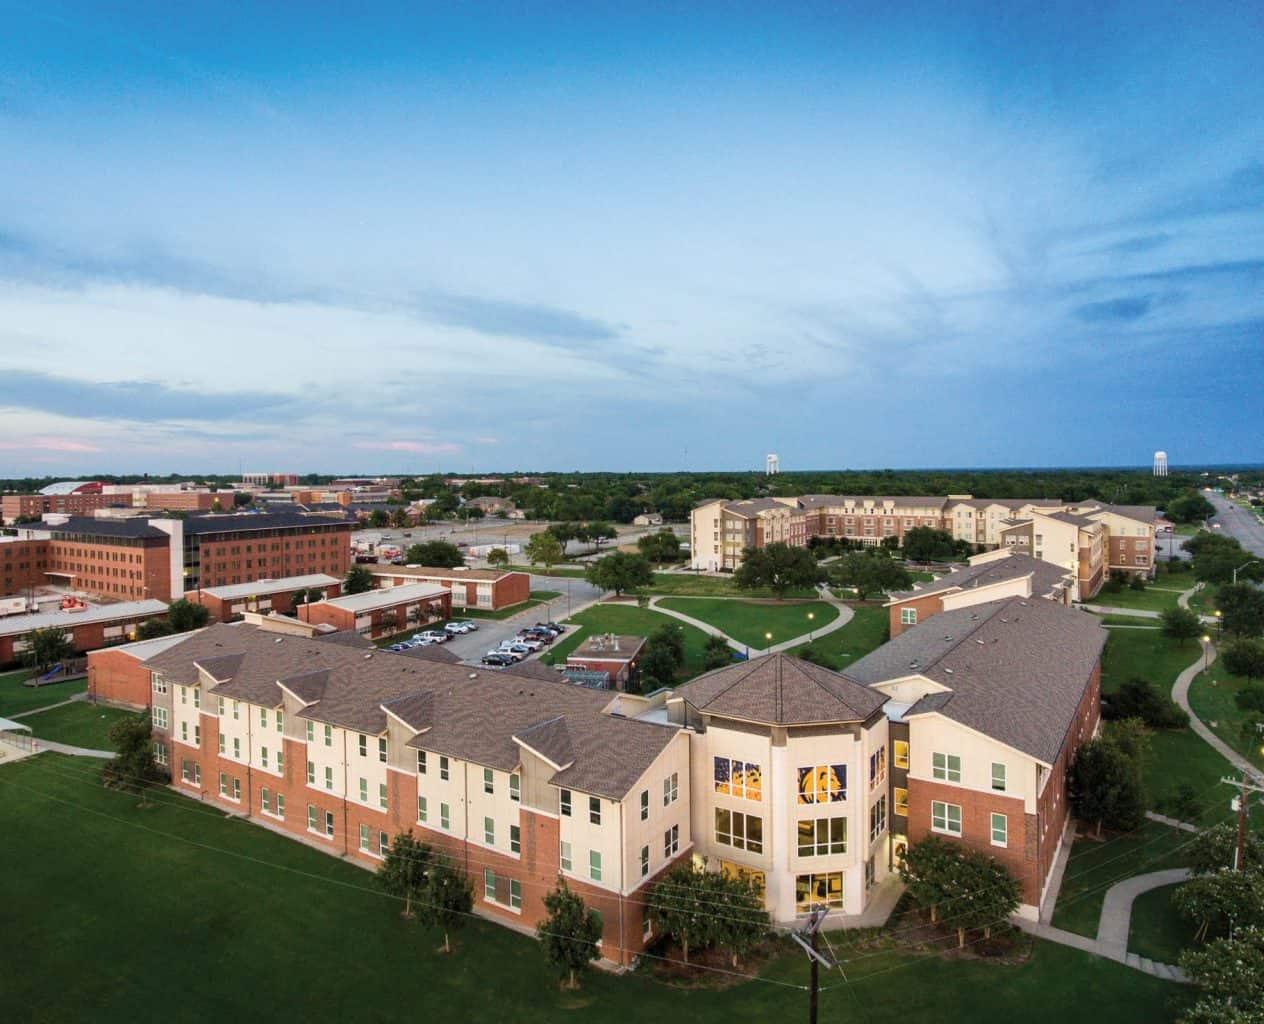 17387-campus drone DJI_0088